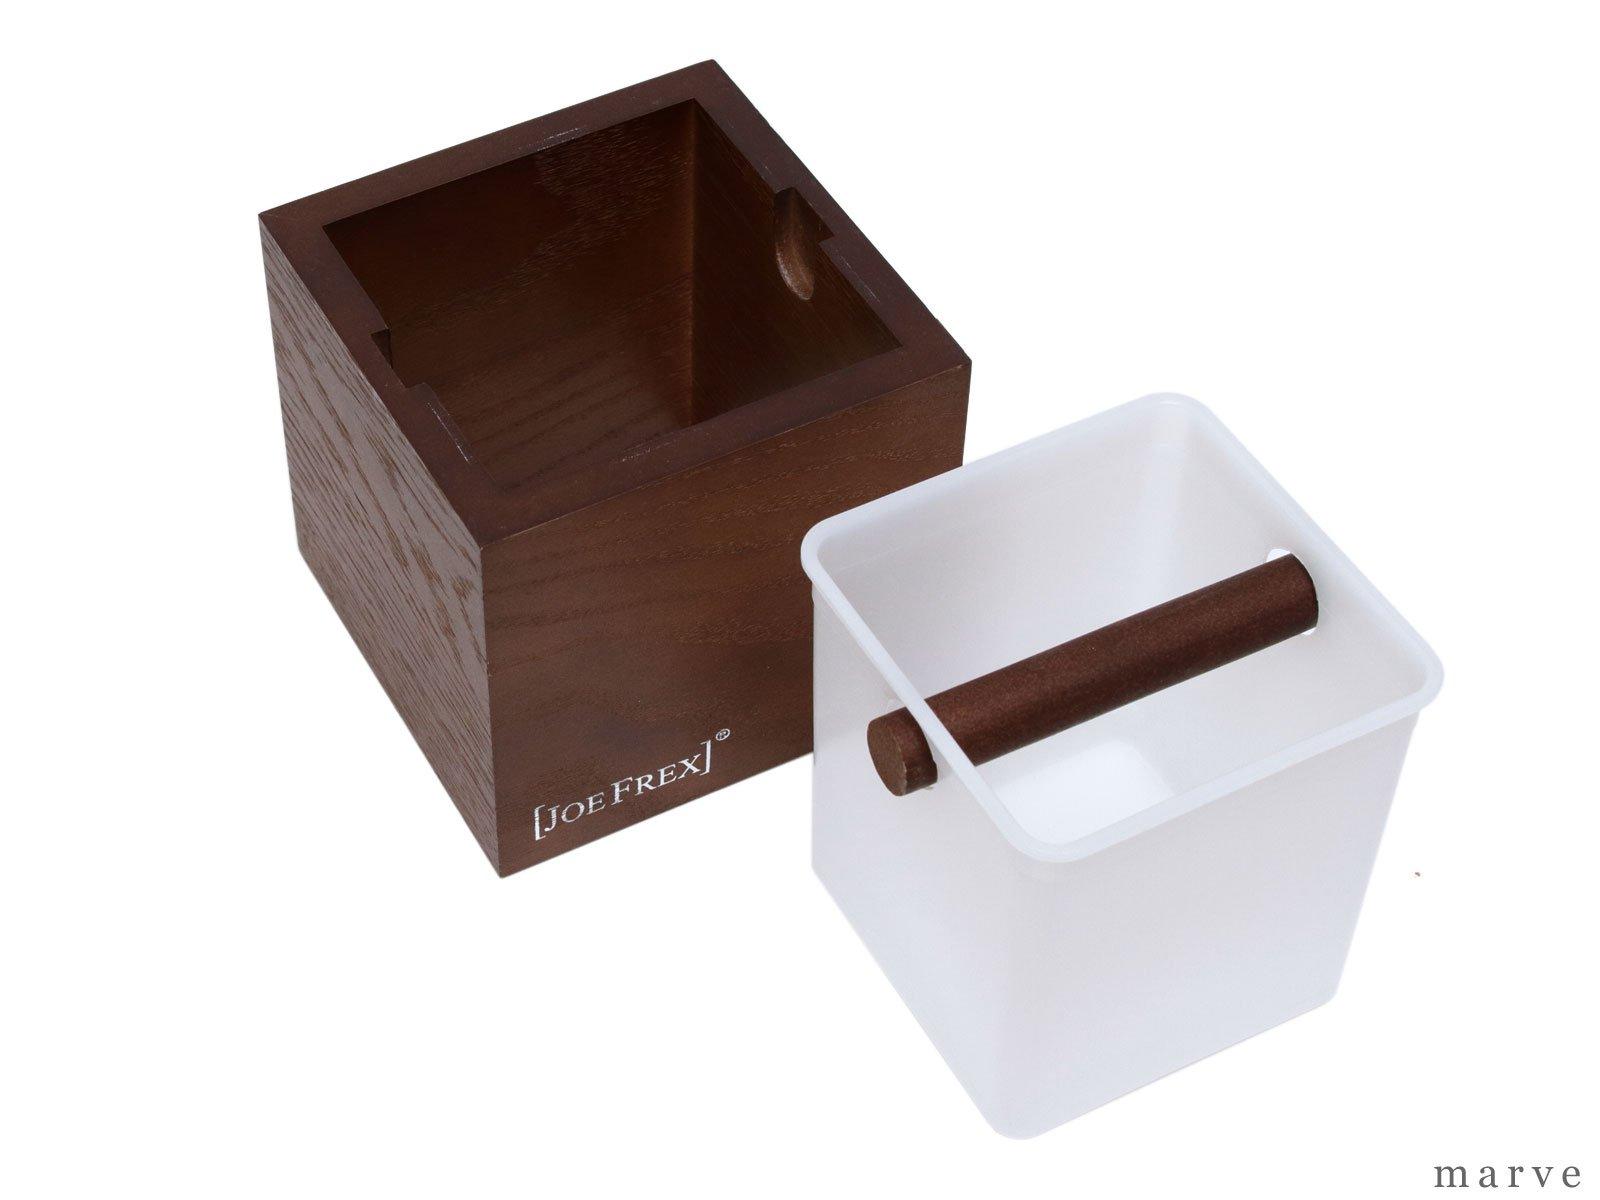 ノックボックス Joe frex Knock-box BROWN